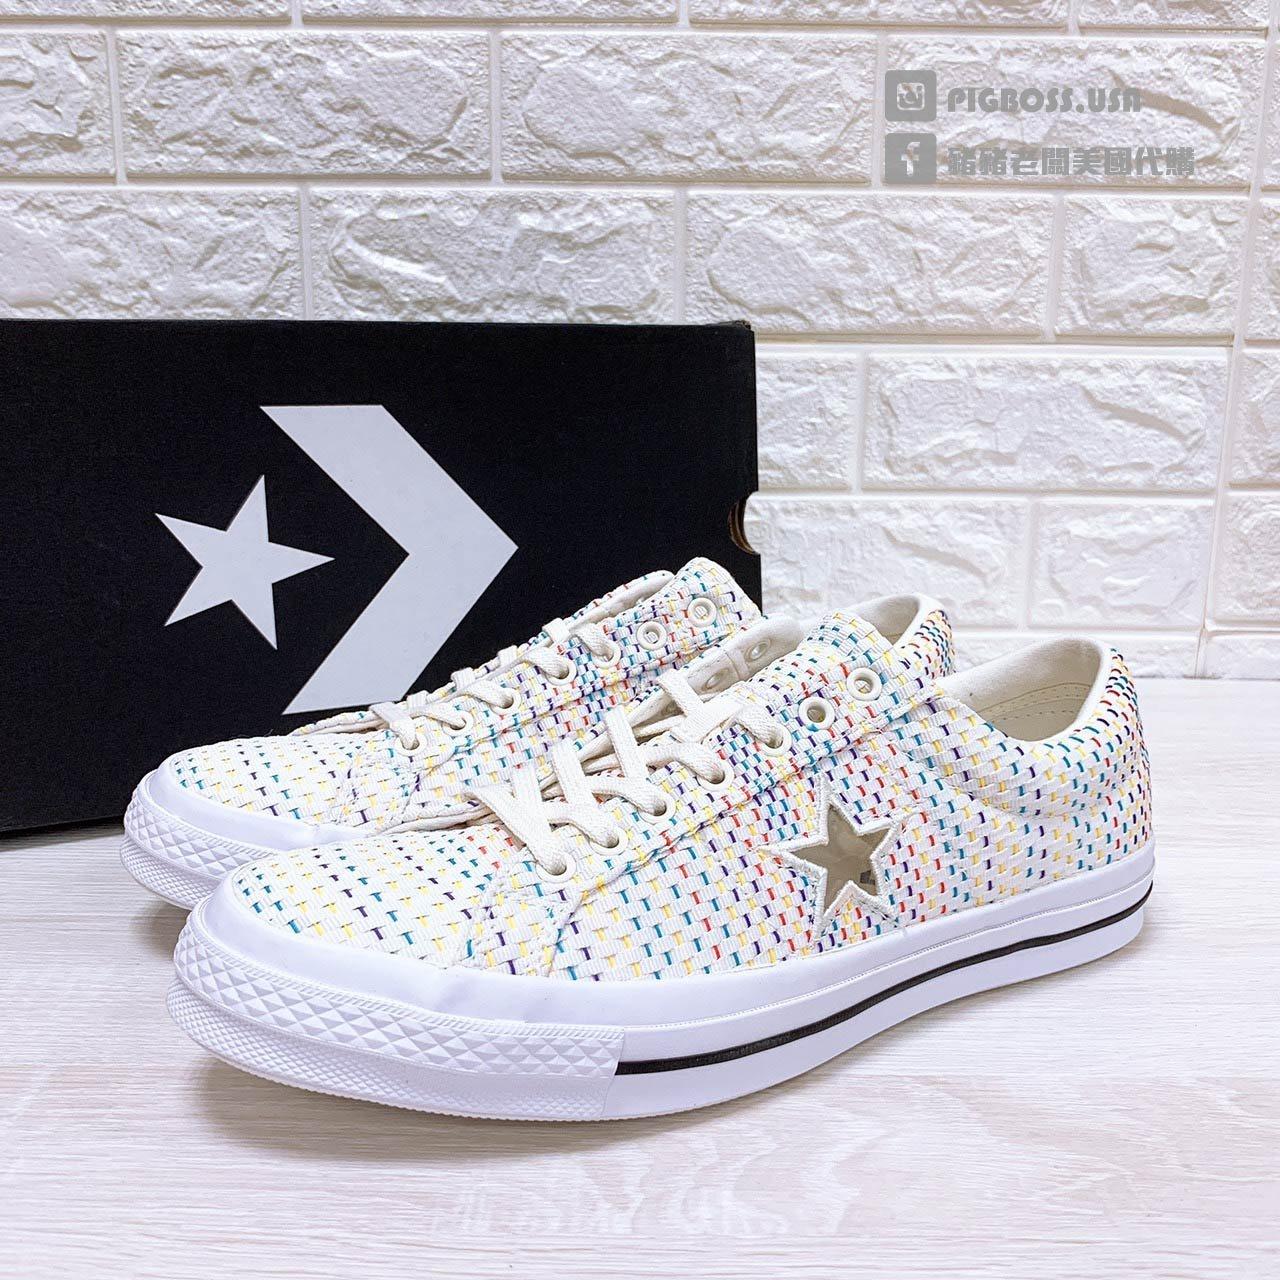 【豬豬老闆】CONVERSE ONE STAR NEON WEAVE 米白彩色 編織 星星 休閒鞋 男女 164607C